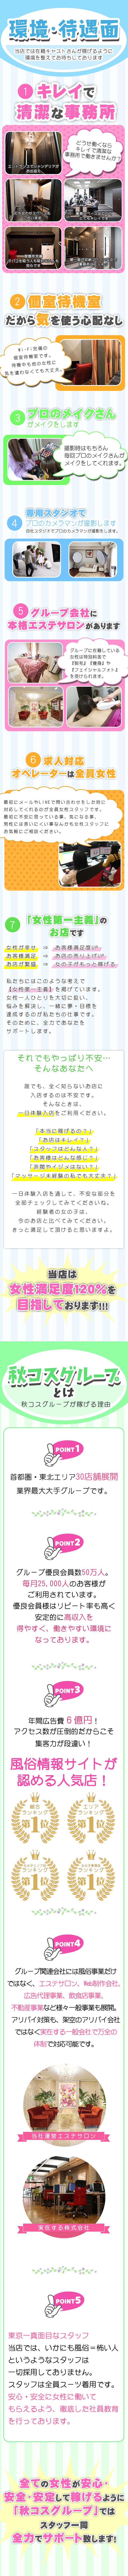 鶯谷ぽちゃ_002